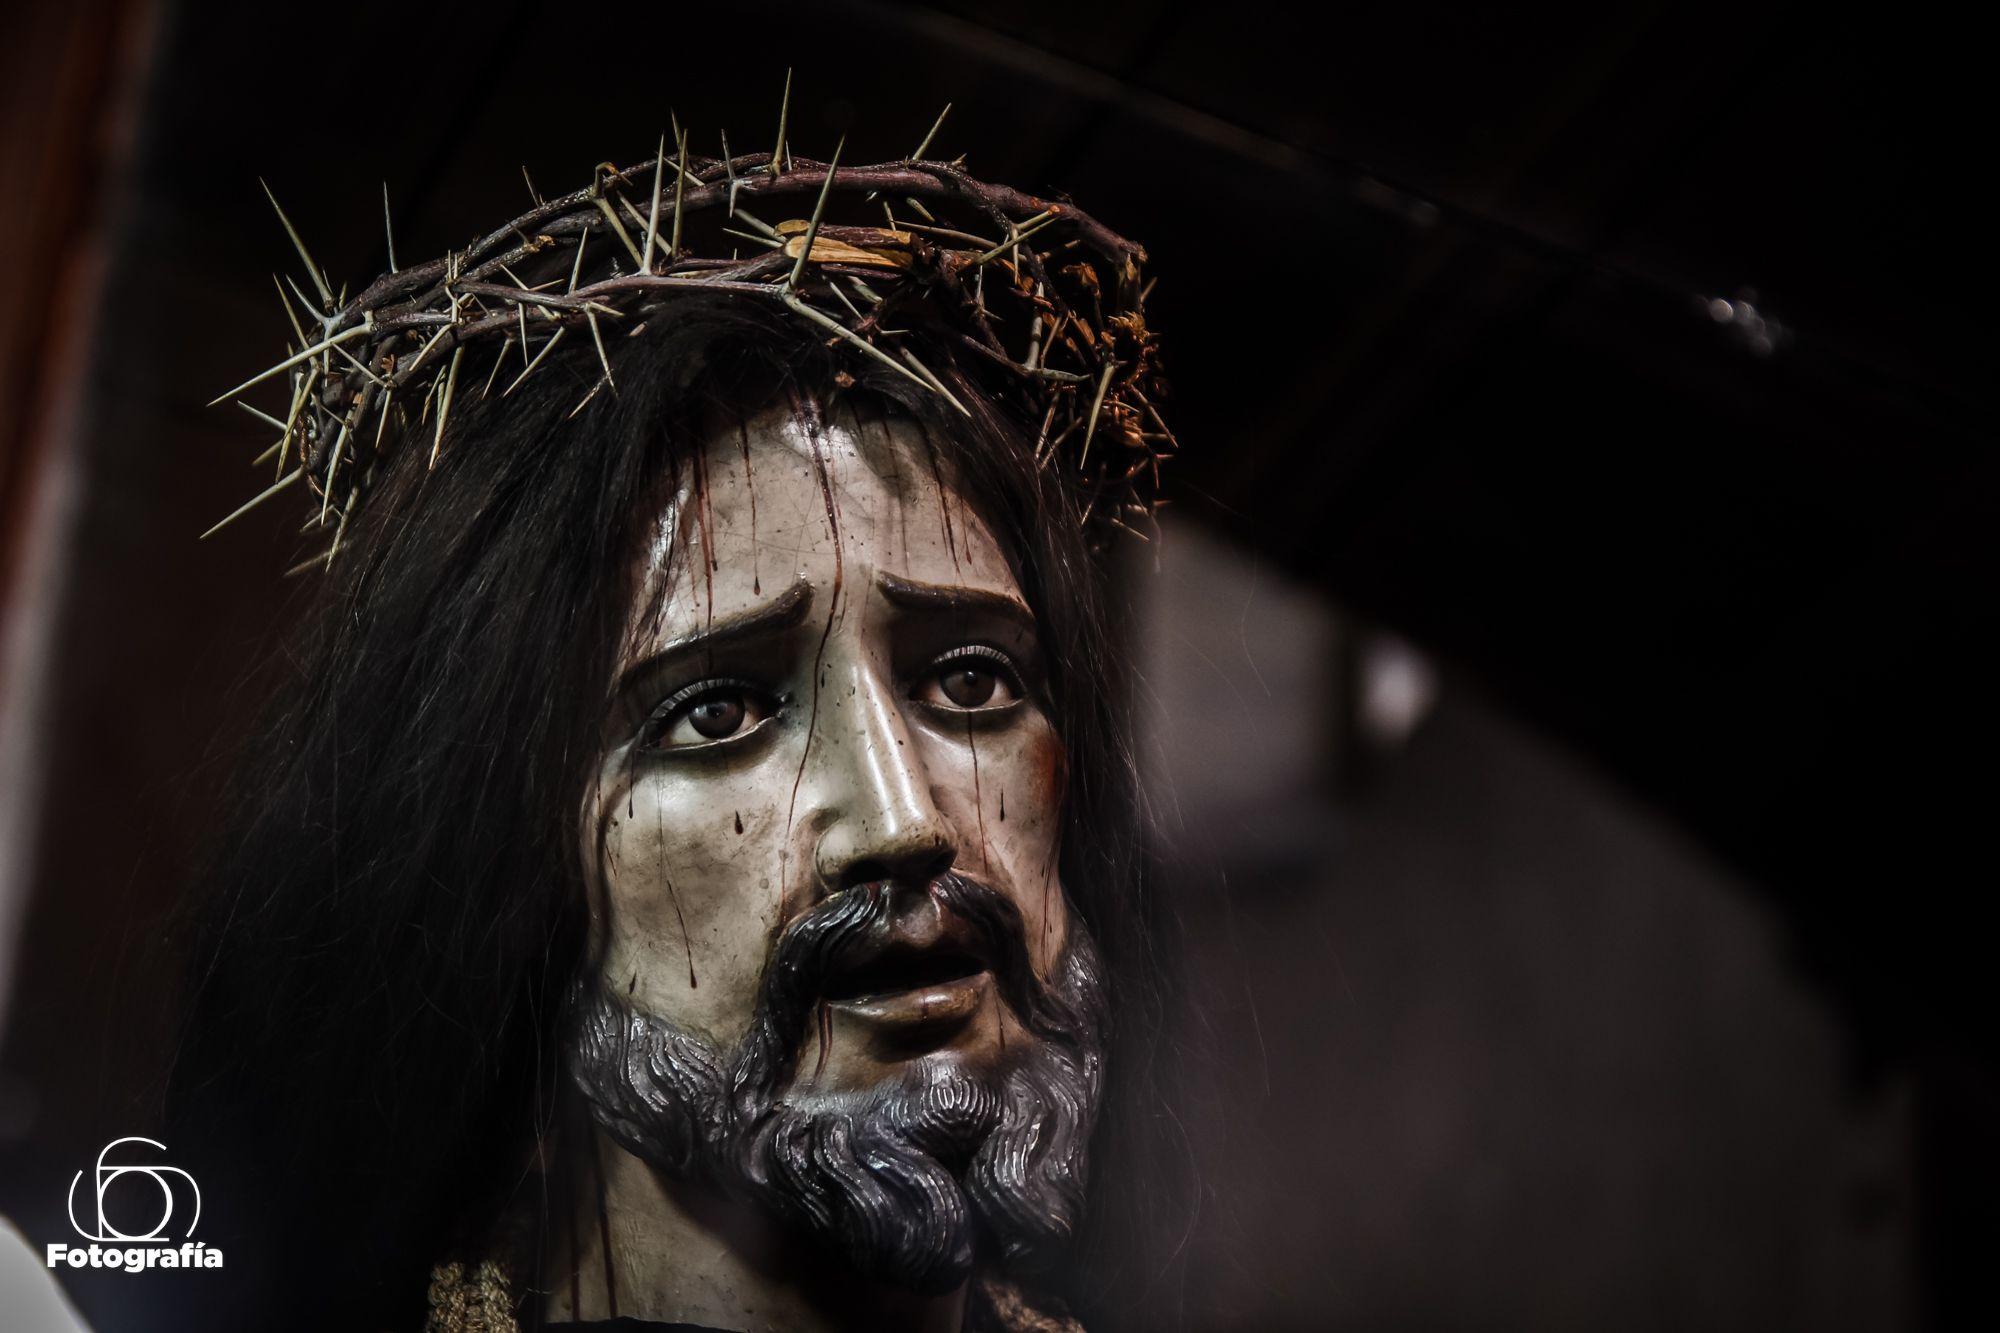 Fotos de Guanajuato por tres g fotografia, imagen religiosa dentro del Templo de San Diego